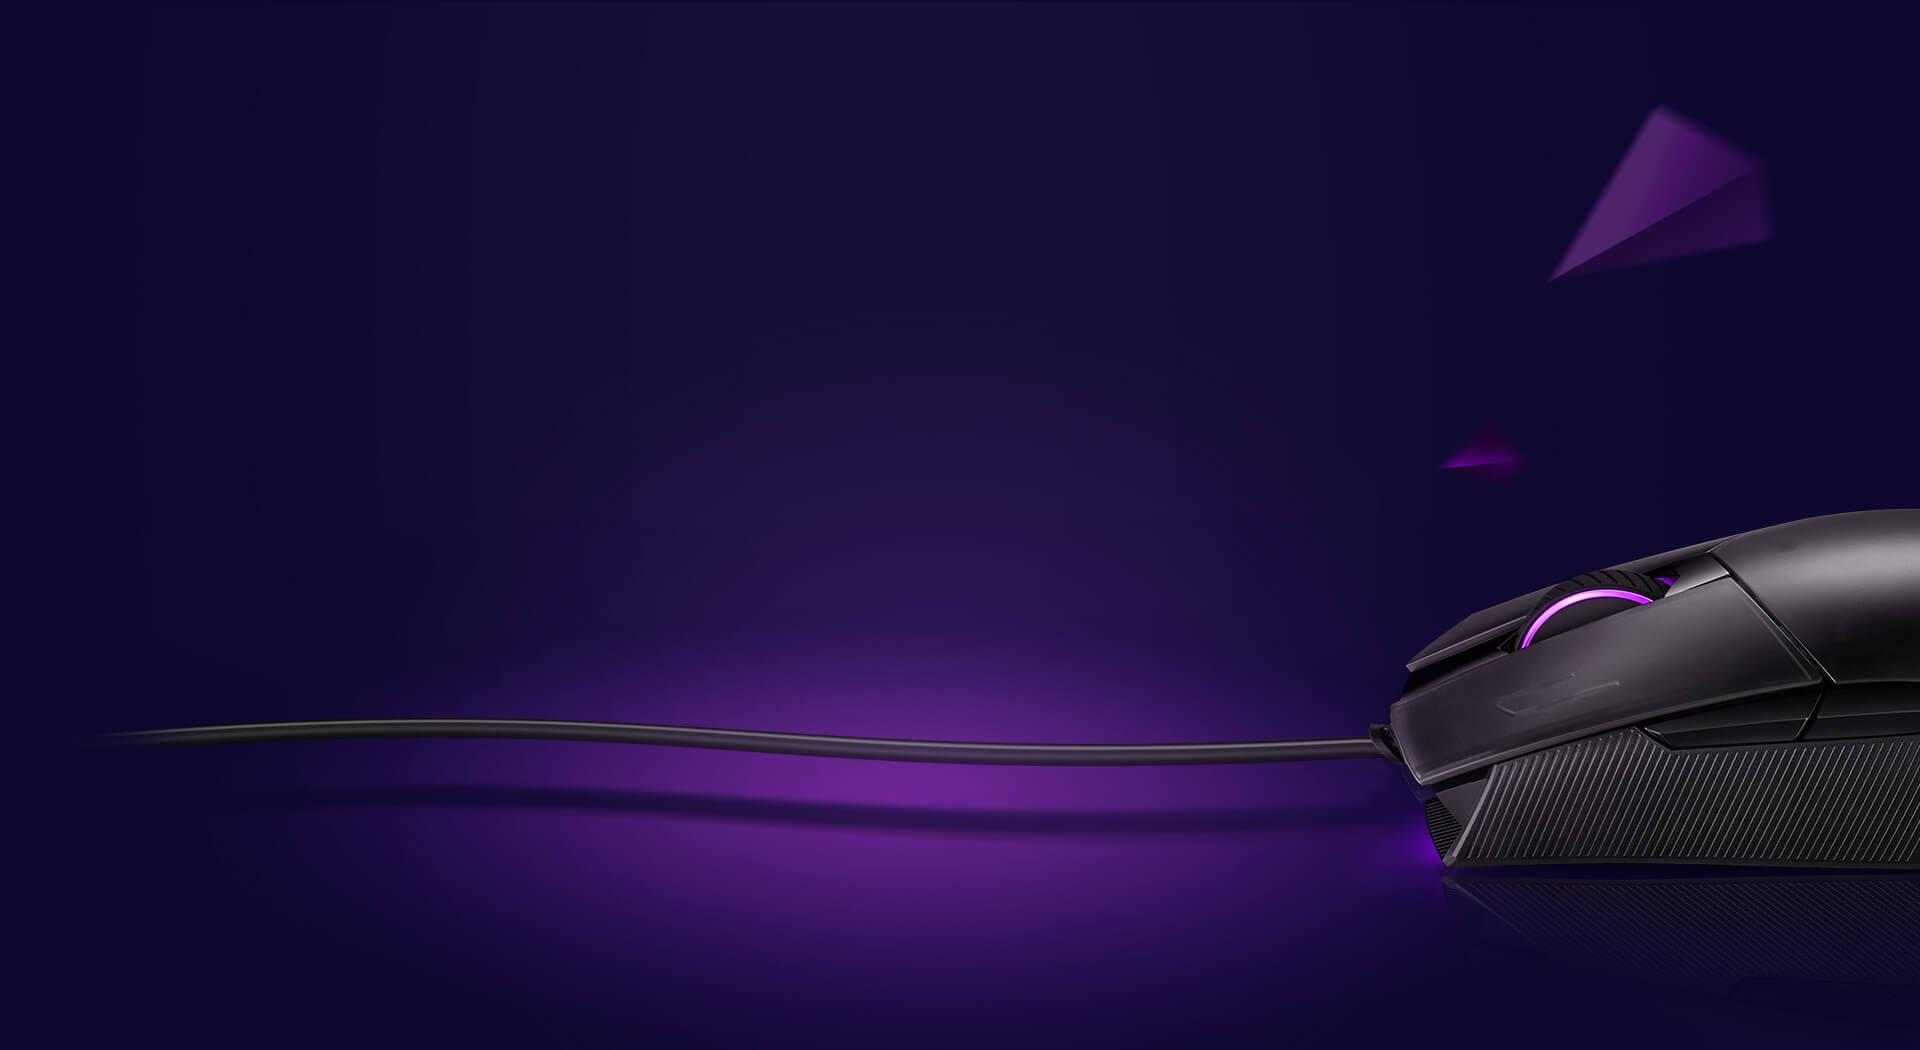 Dây của Chuột Asus ROG Strix Impact II (USB/RGB/Đen) rất mềm và thoải mái